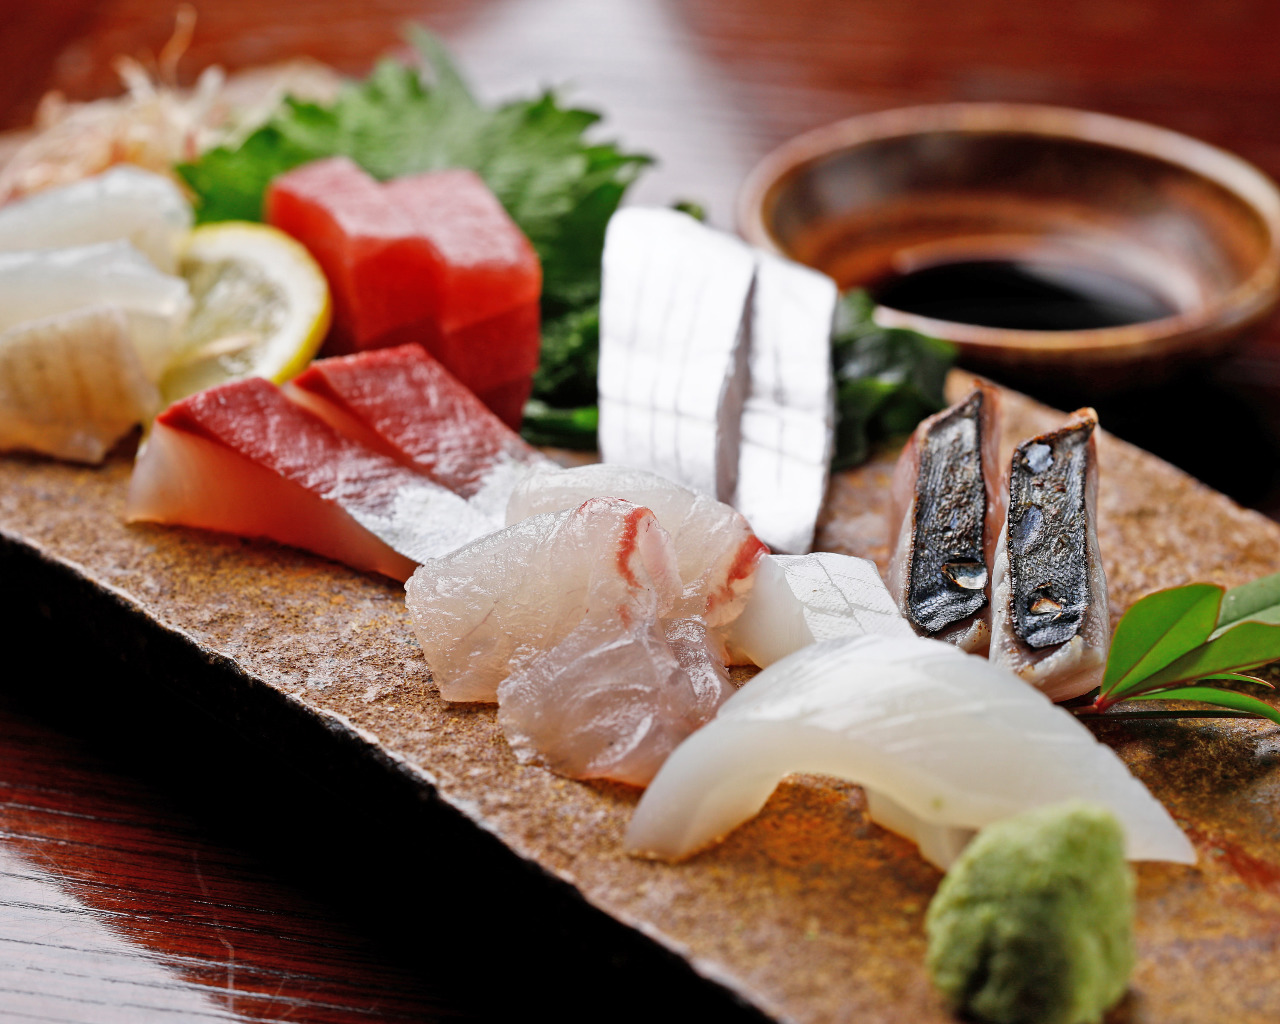 【宴会×飲み会】季節の食材と鮮魚を楽しめる、おまかせコース「おまかせ料理4,950円」《全10品》